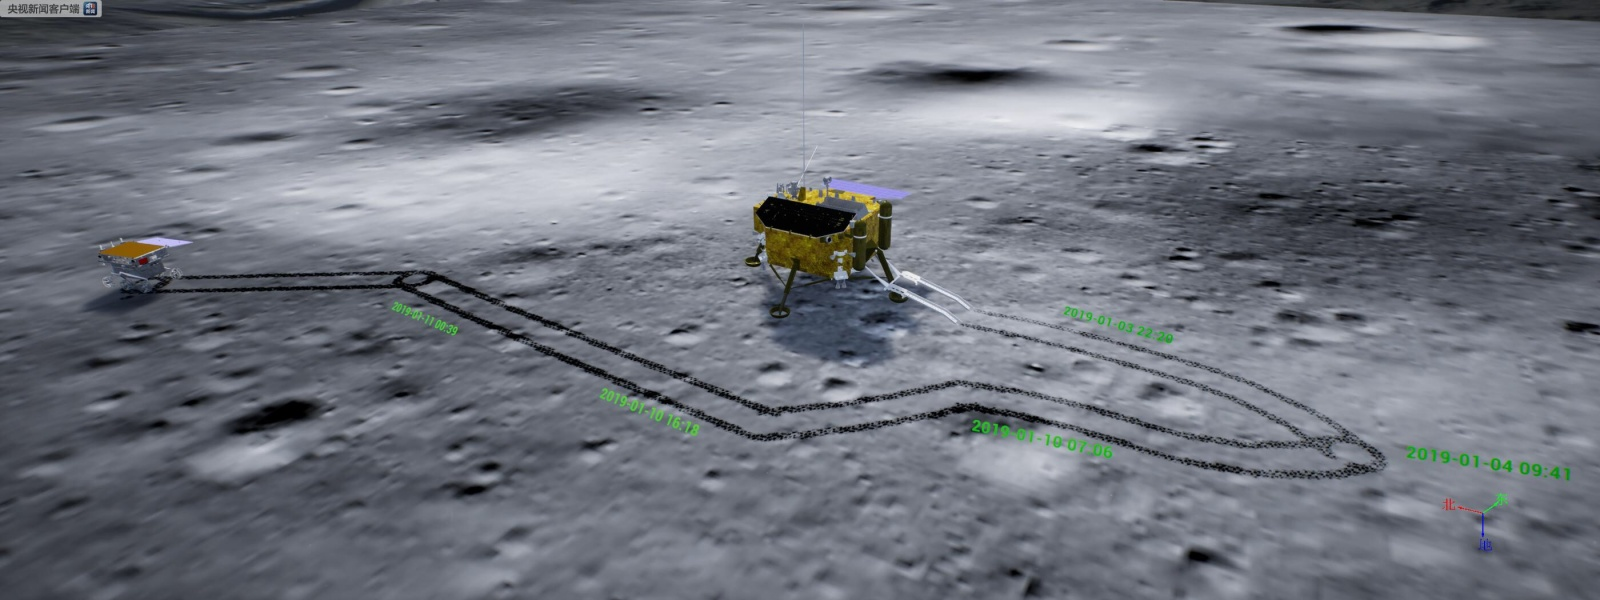 Видео процесса спуска ровера «Юйту-2», его первые метры по поверхности Луны. Двухнедельный сон на Луне закончен - 2